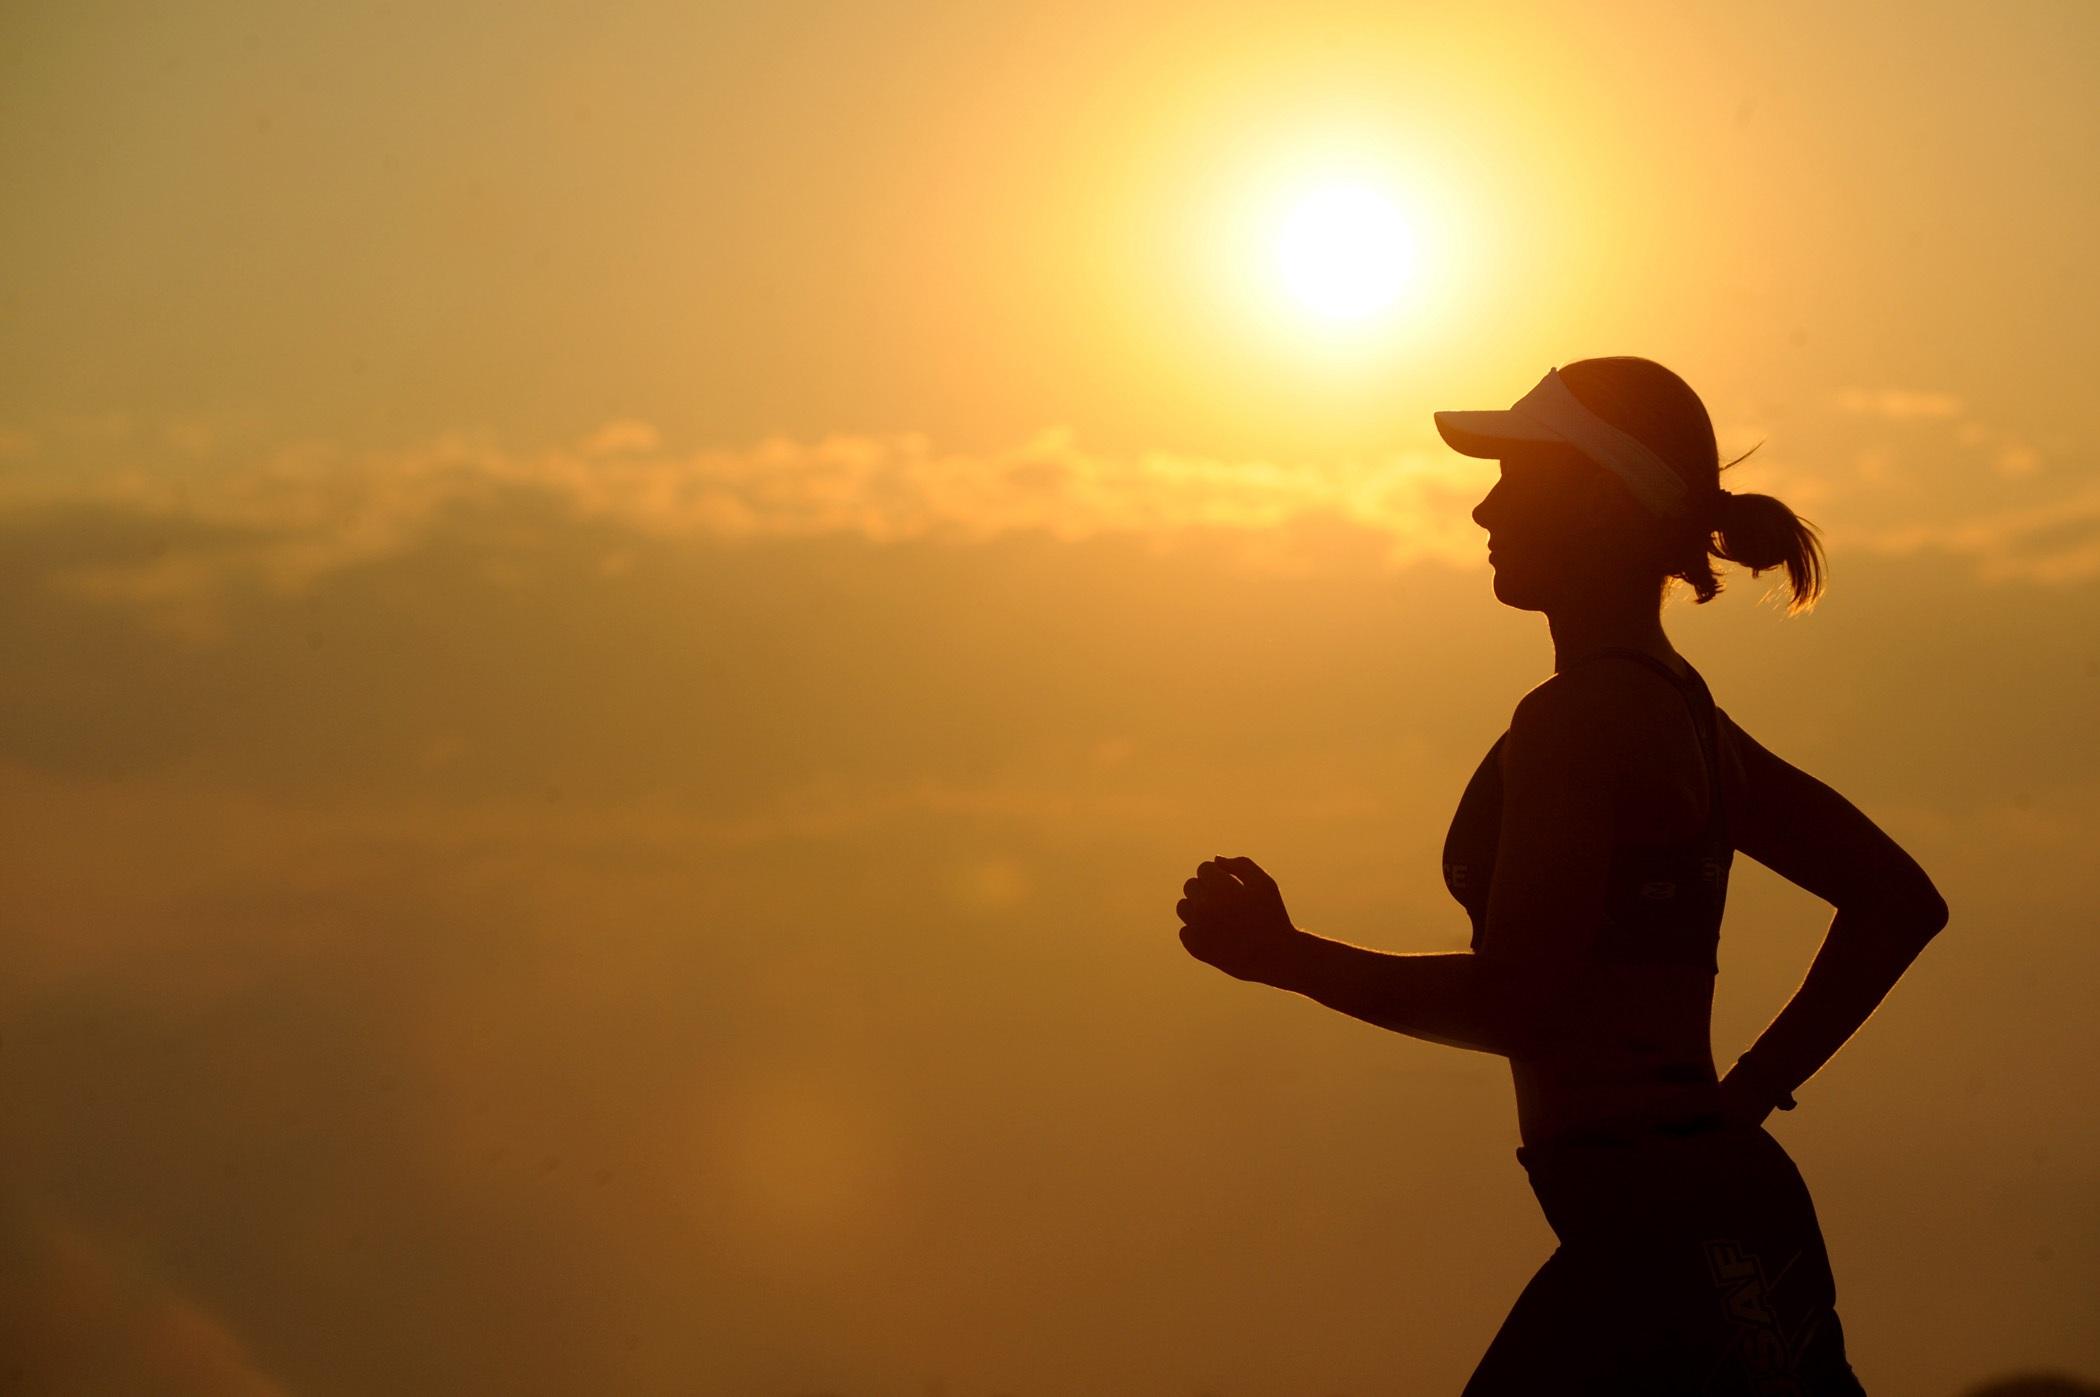 清々しく朝を迎えるために自律神経が整う正しい習慣 夕方偏